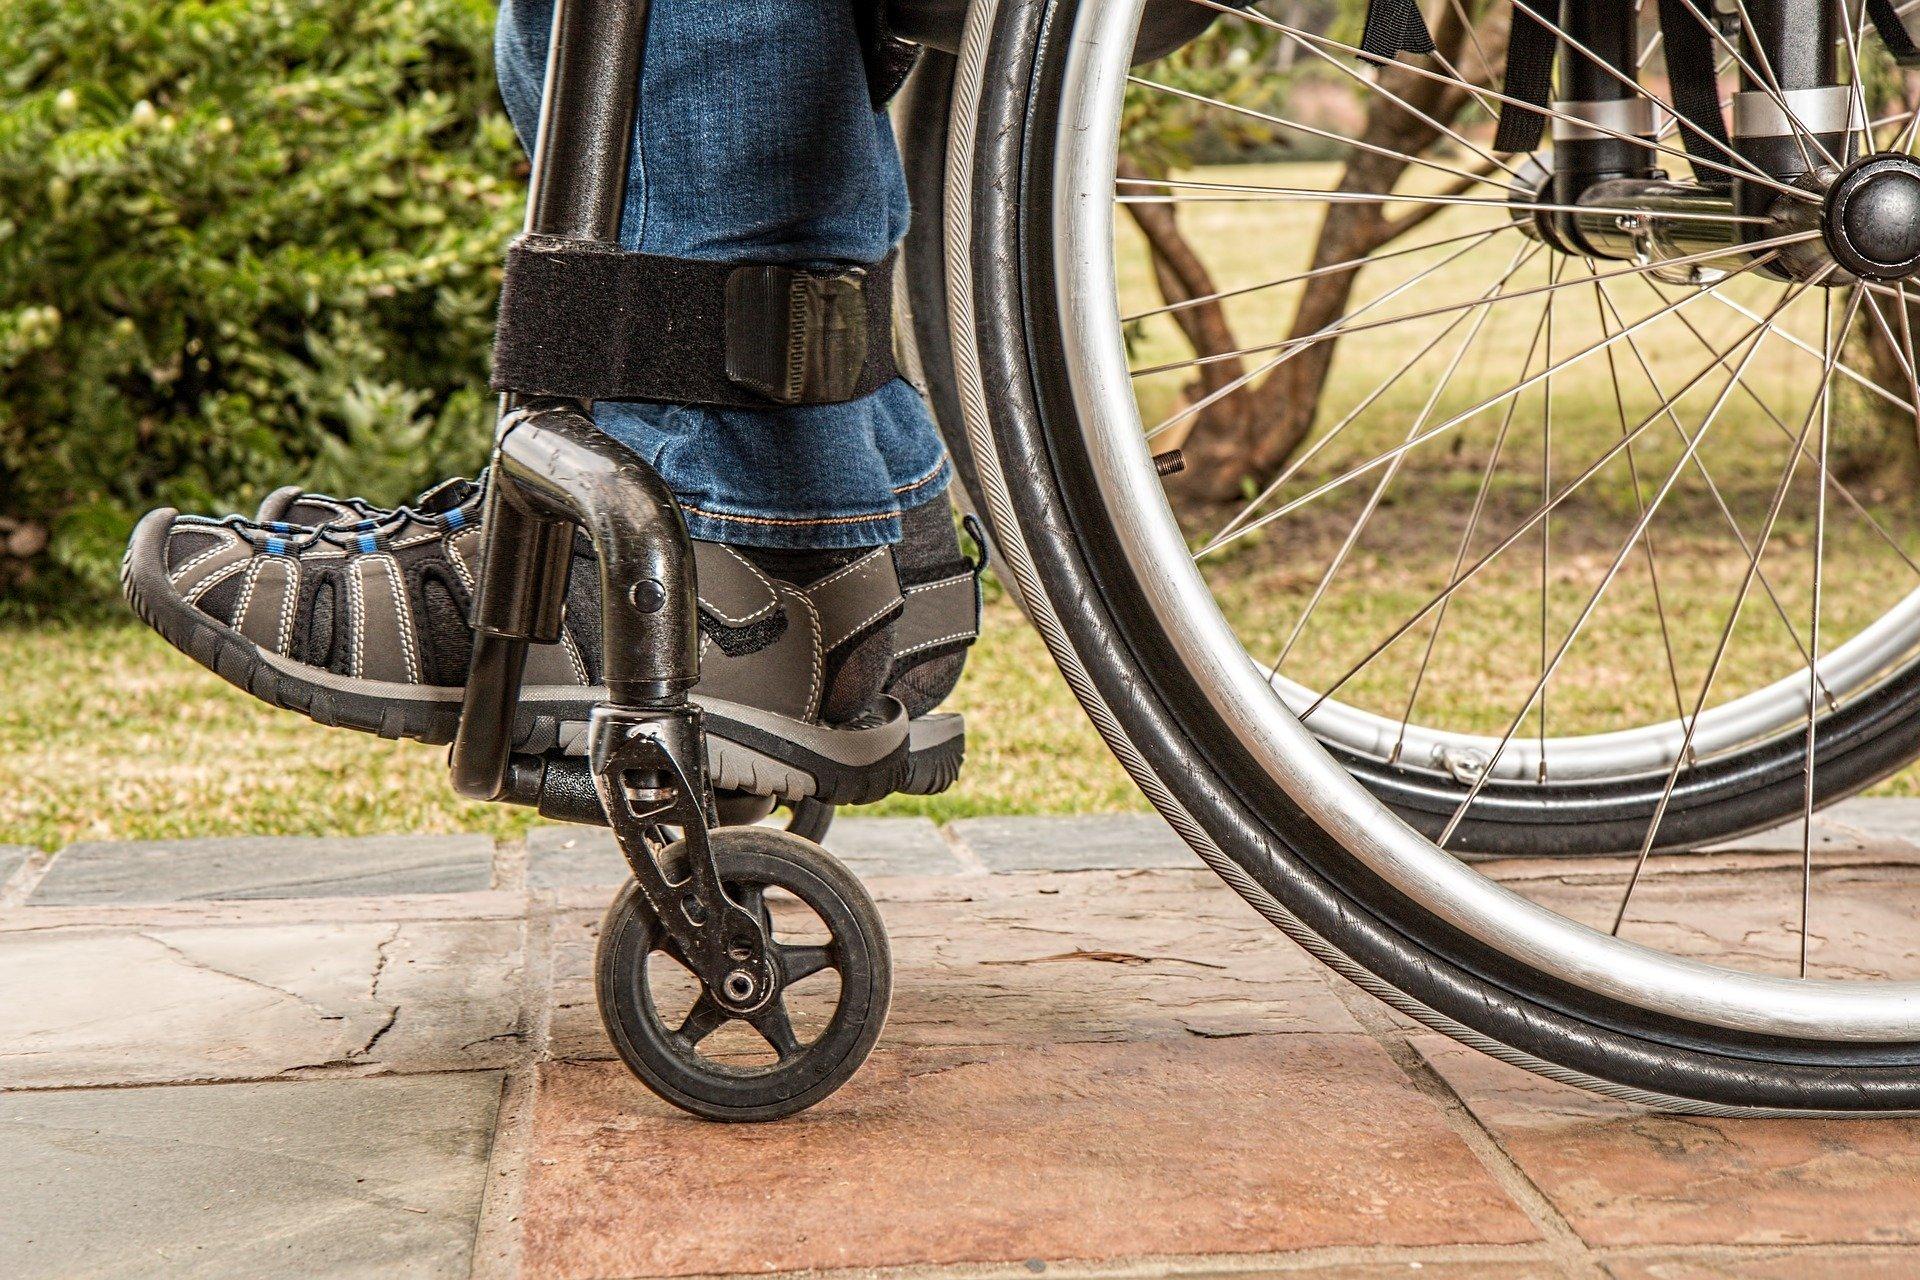 Piernas de hombre discapacitado en silla de ruedas. Fuente: Pixabay